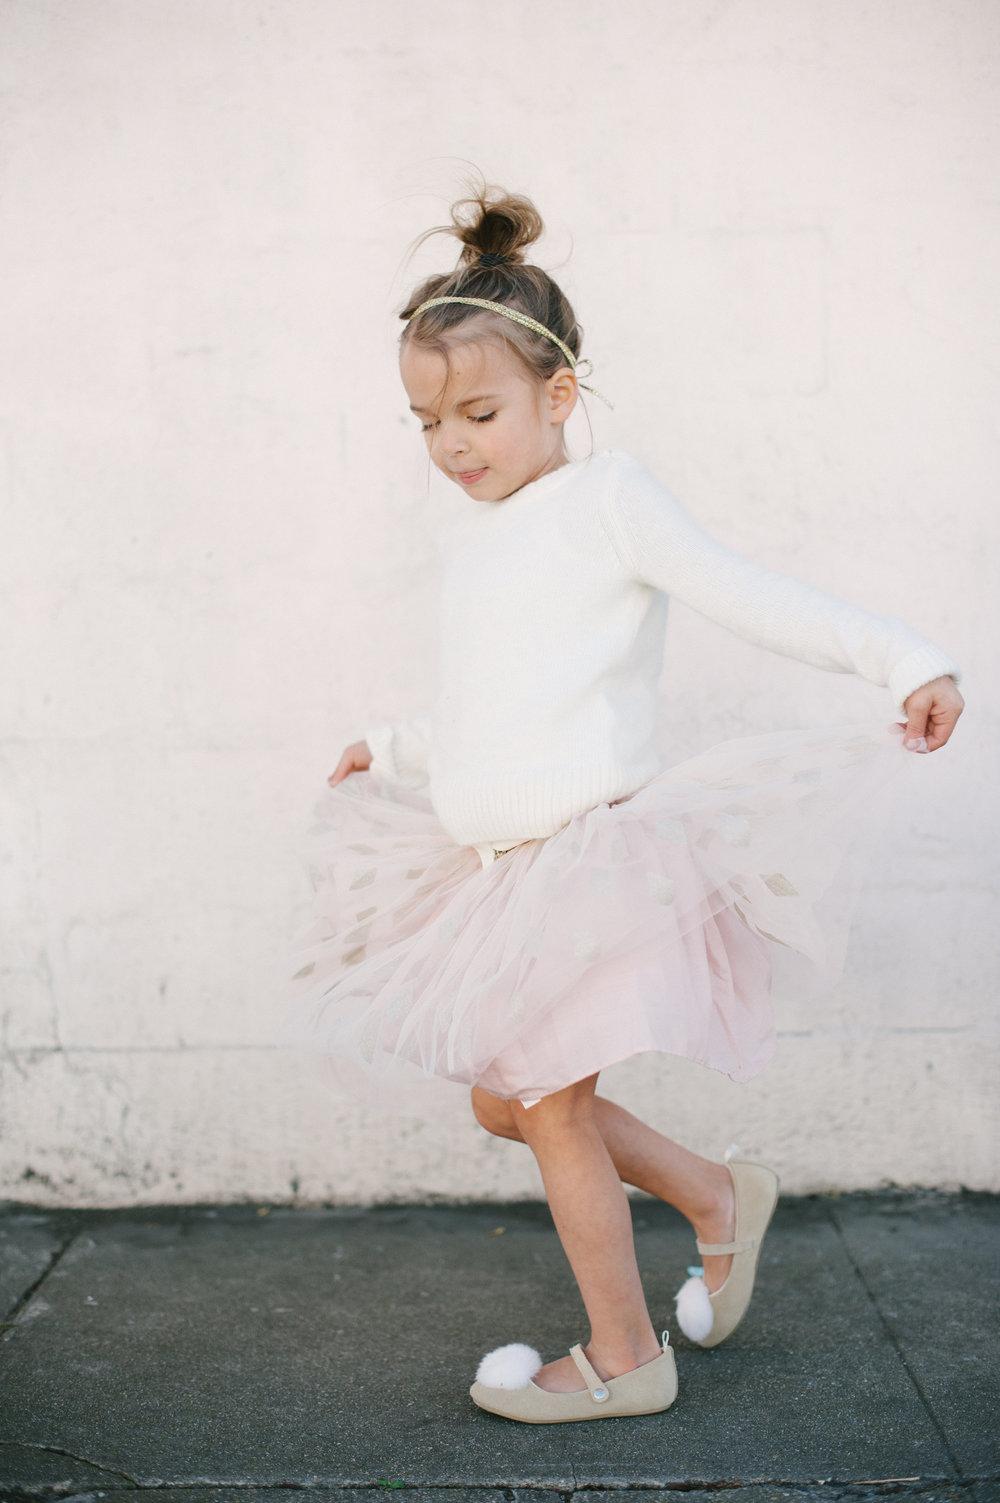 Dance | StyleSmaller